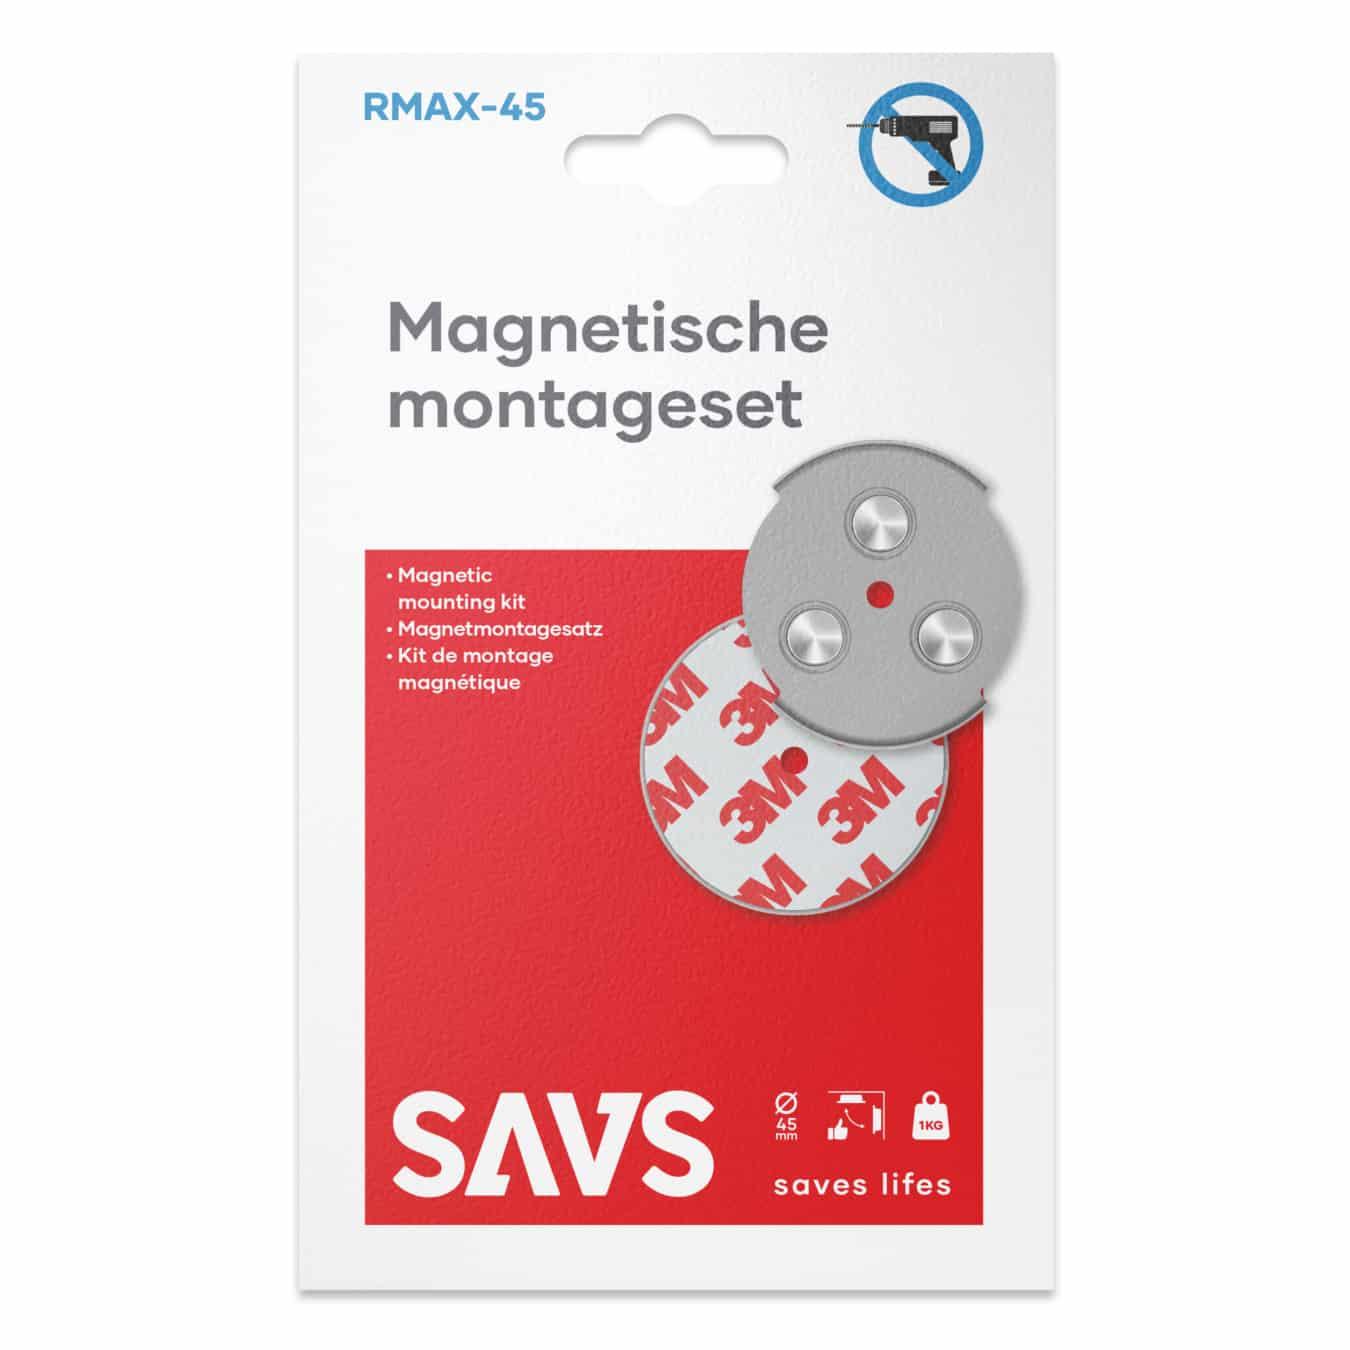 Koop Magnetische montageset RMAX-45 - 2-pack - 45mm